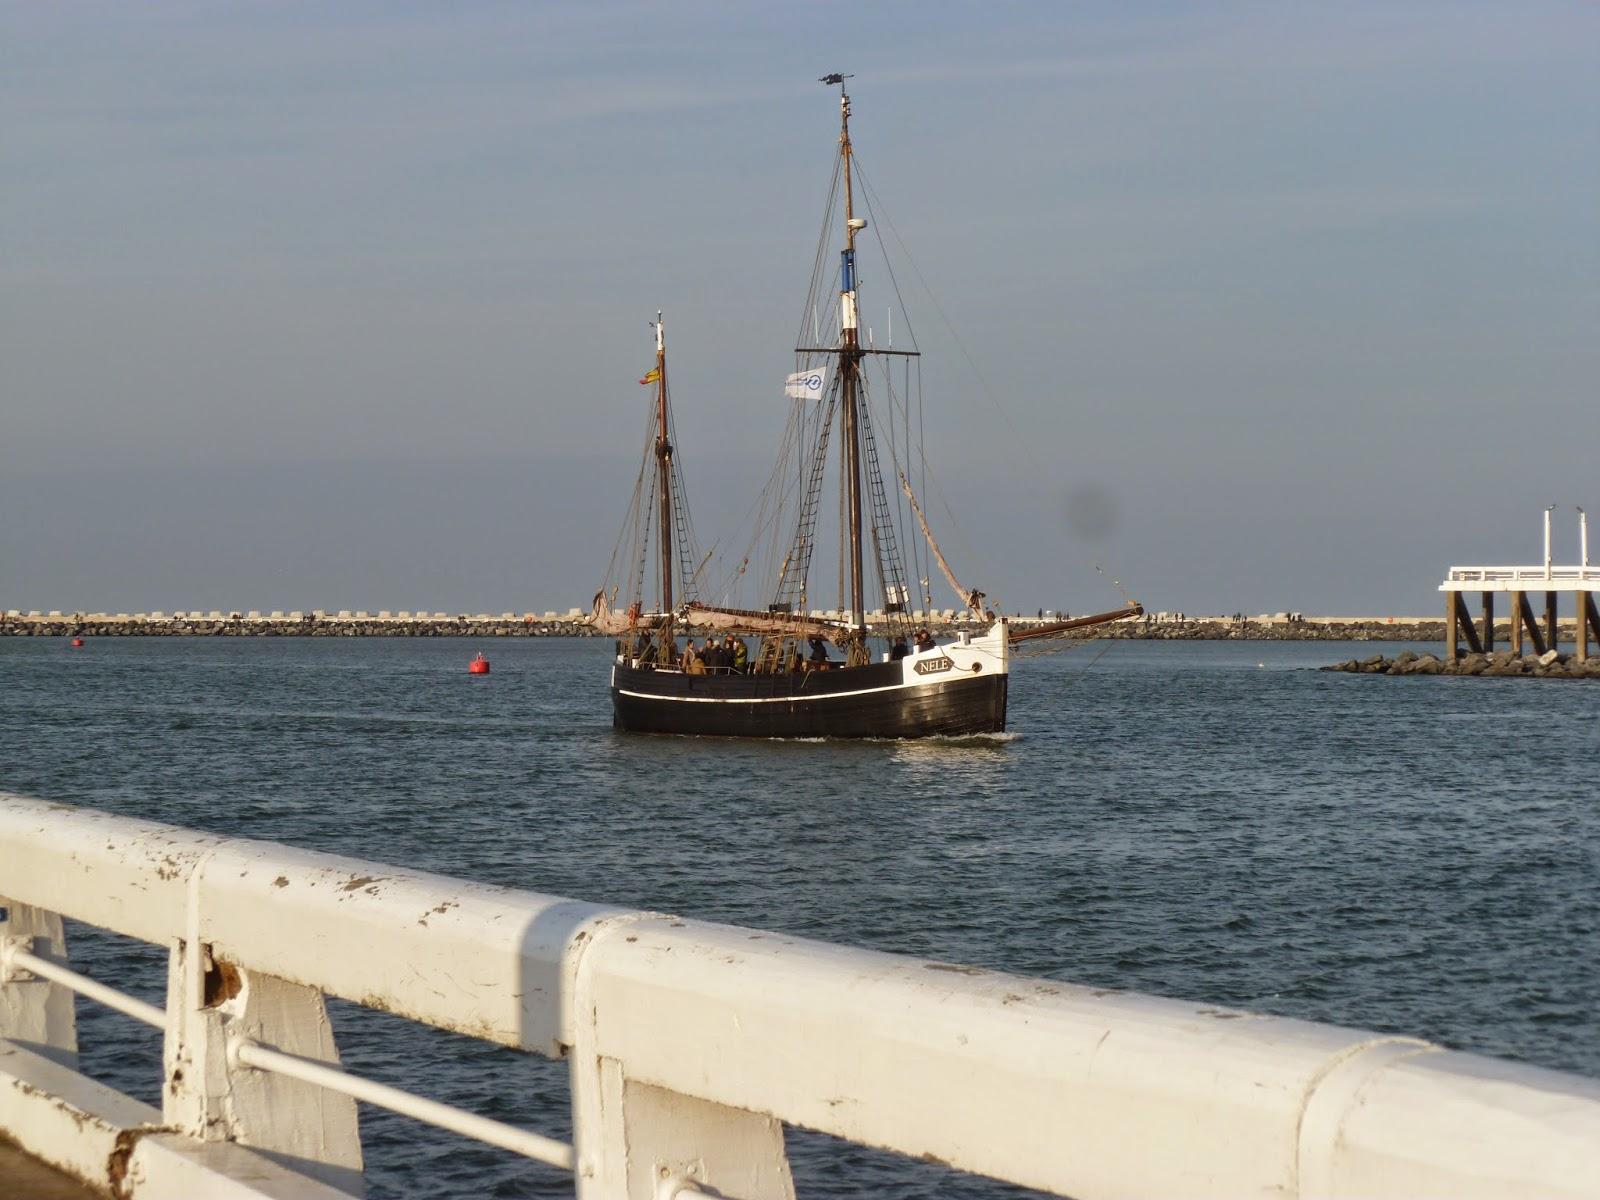 Wonck ecole saint joseph vive les classes de mer for Cuisinier bateau